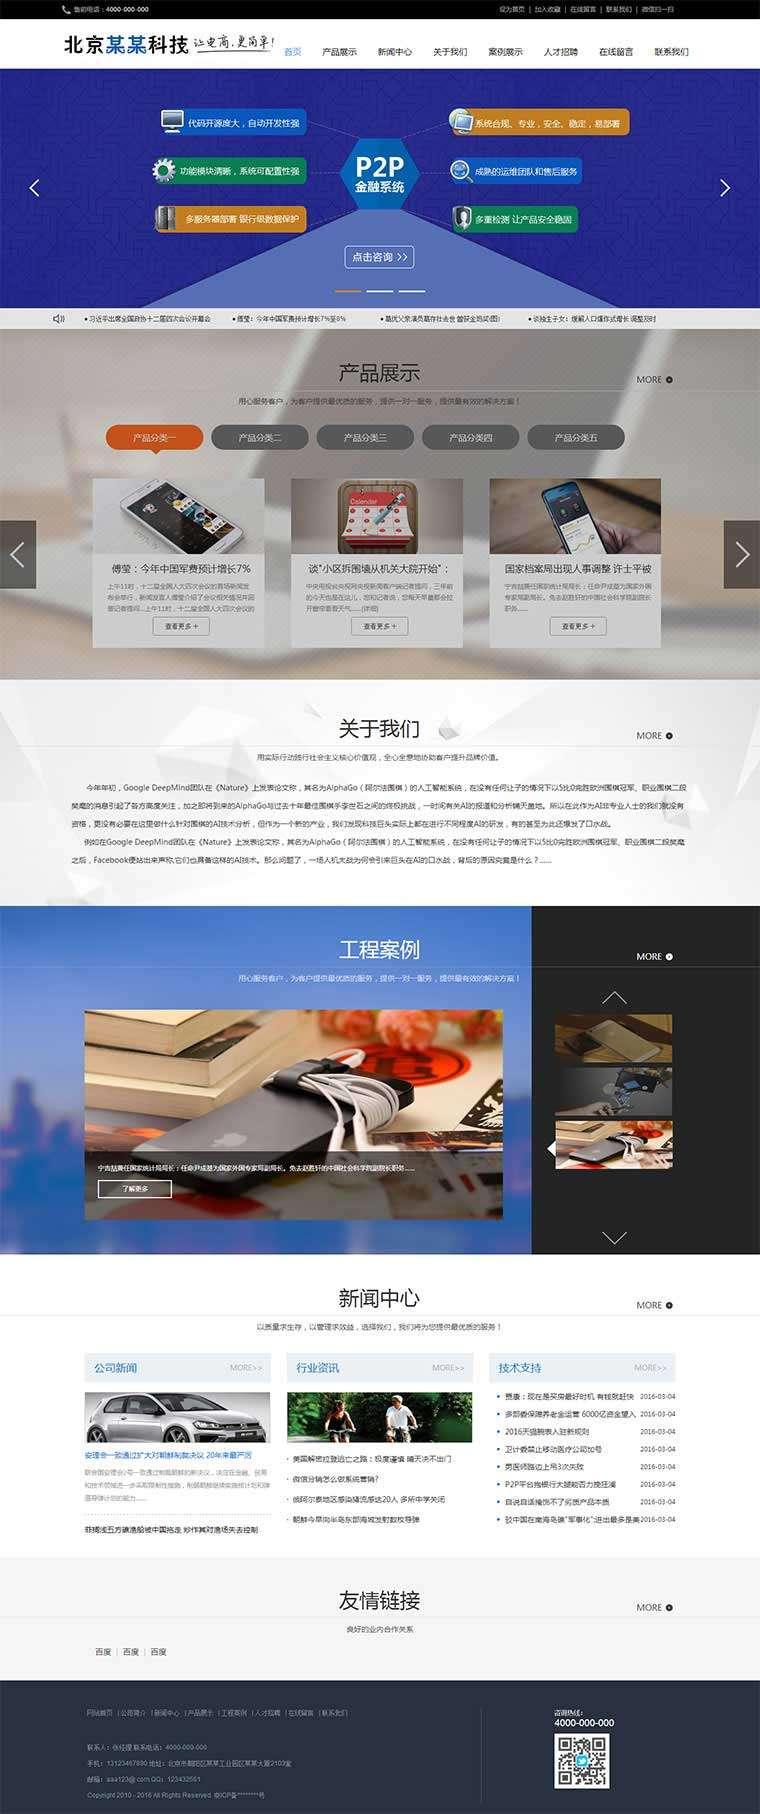 蓝色的互联网电商科技公司网站模板